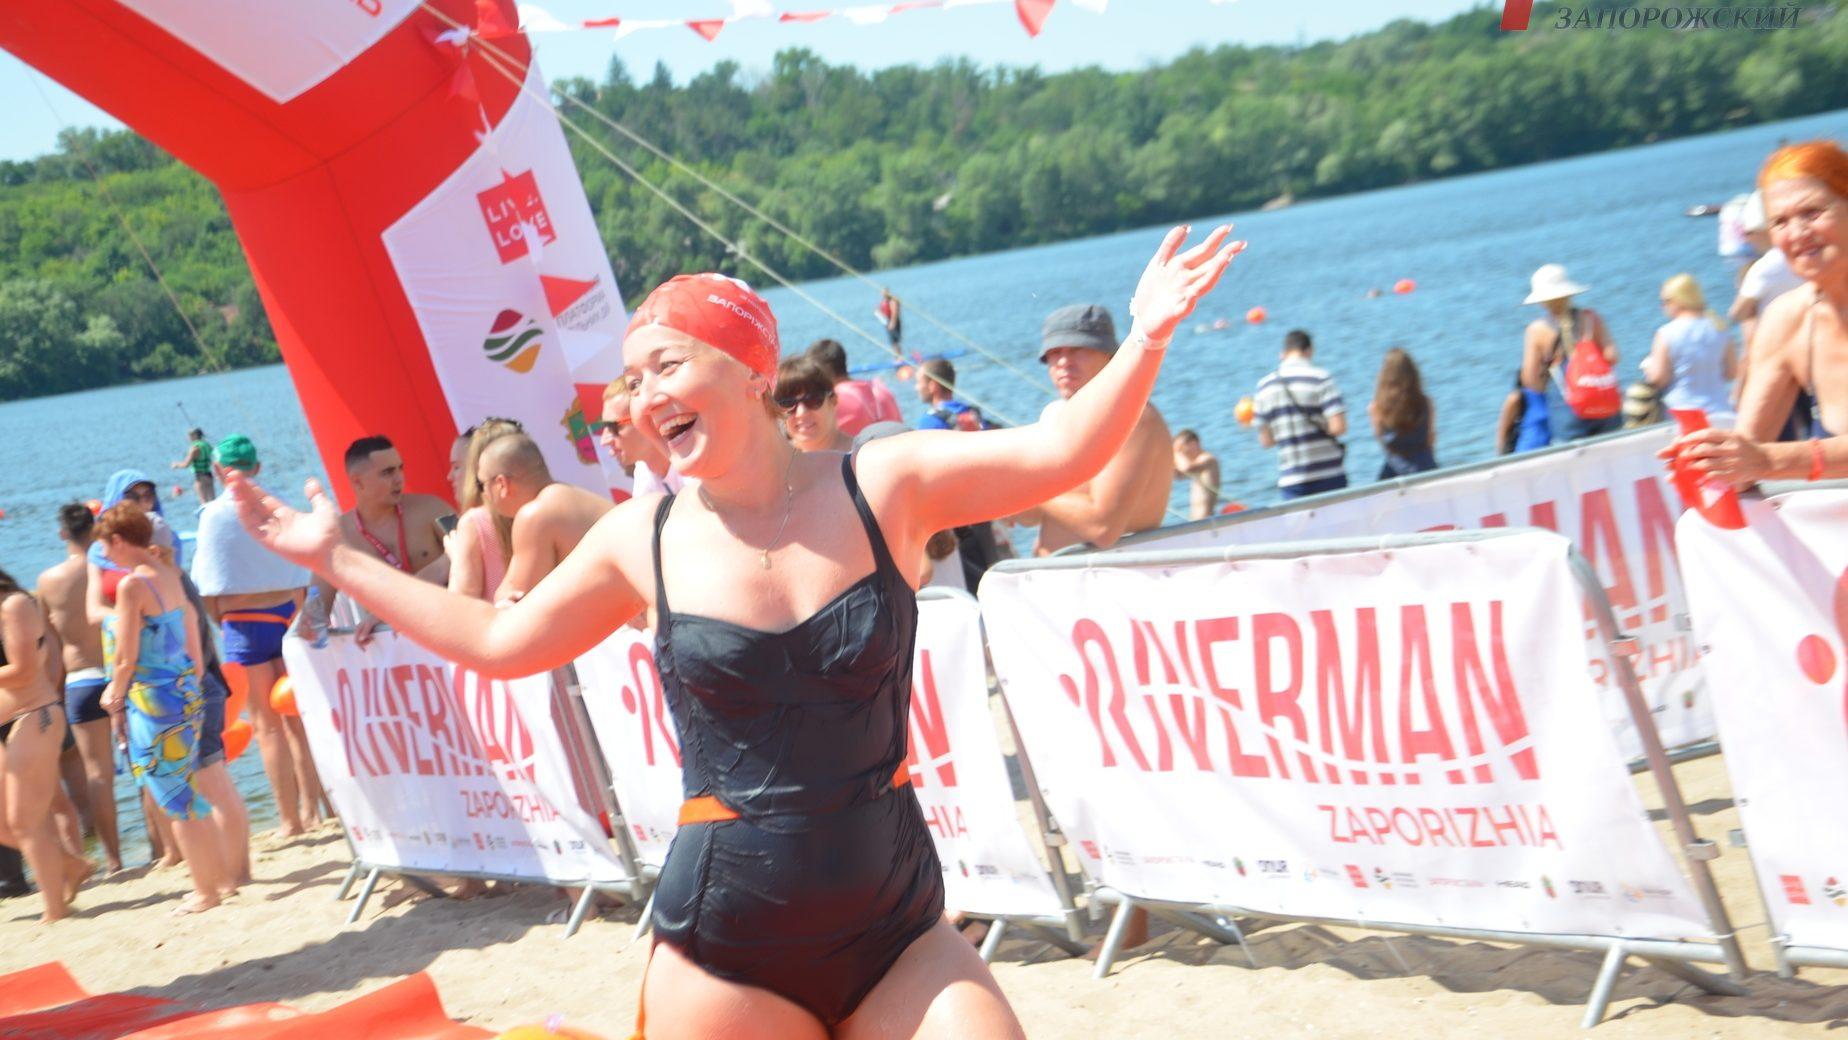 Медали, эмоции и настоящая битва пловцов: как в Запорожье прошел массовый заплыв через реку Днепр - ФОТО